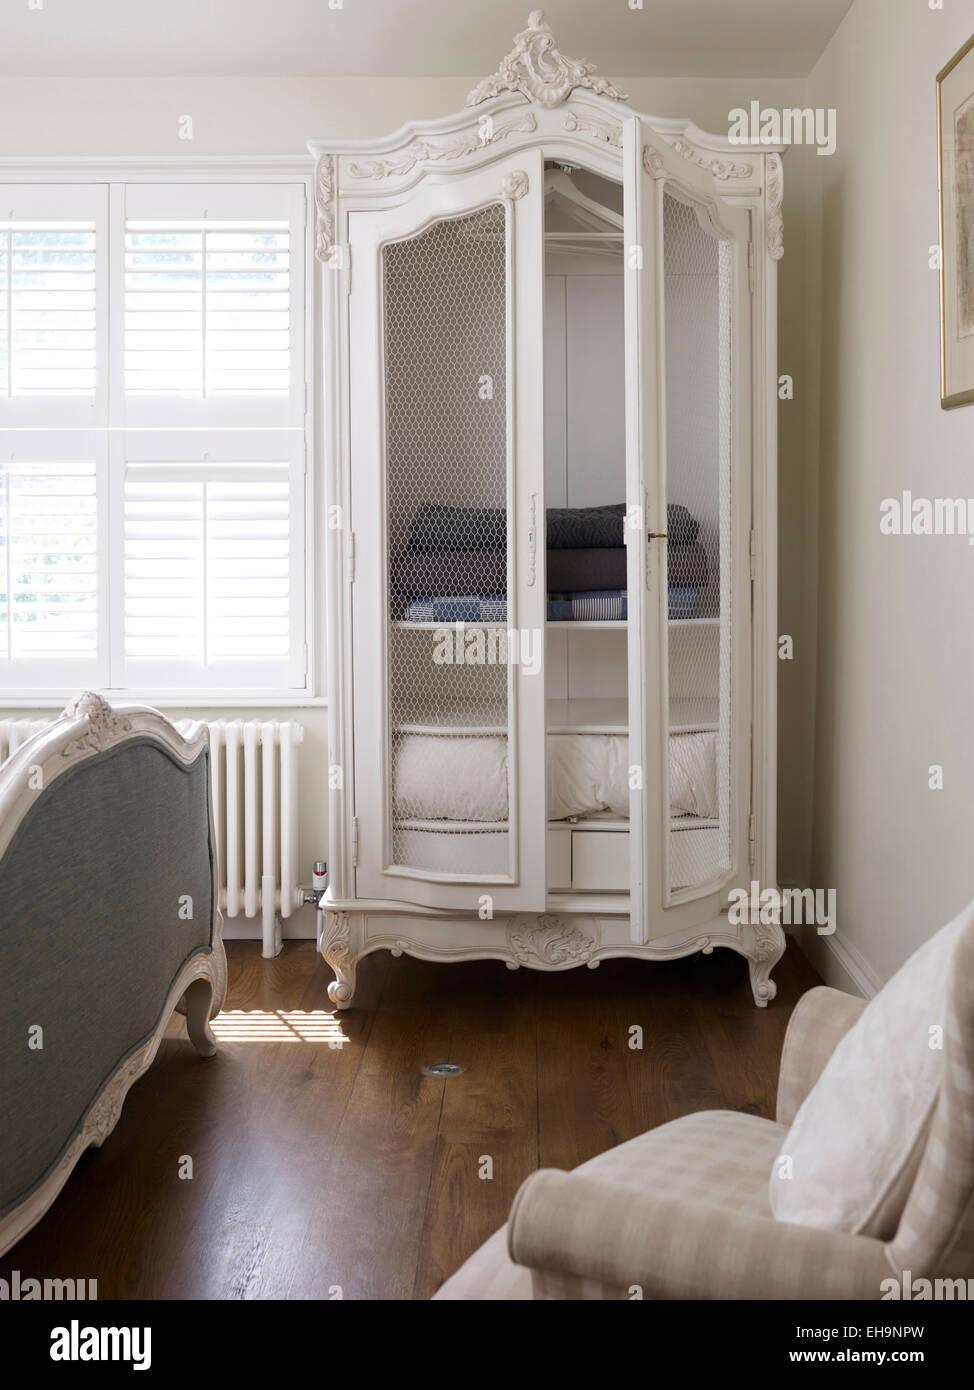 Ornati dipinti di bianco credenza con asciugamani in camera da letto ...